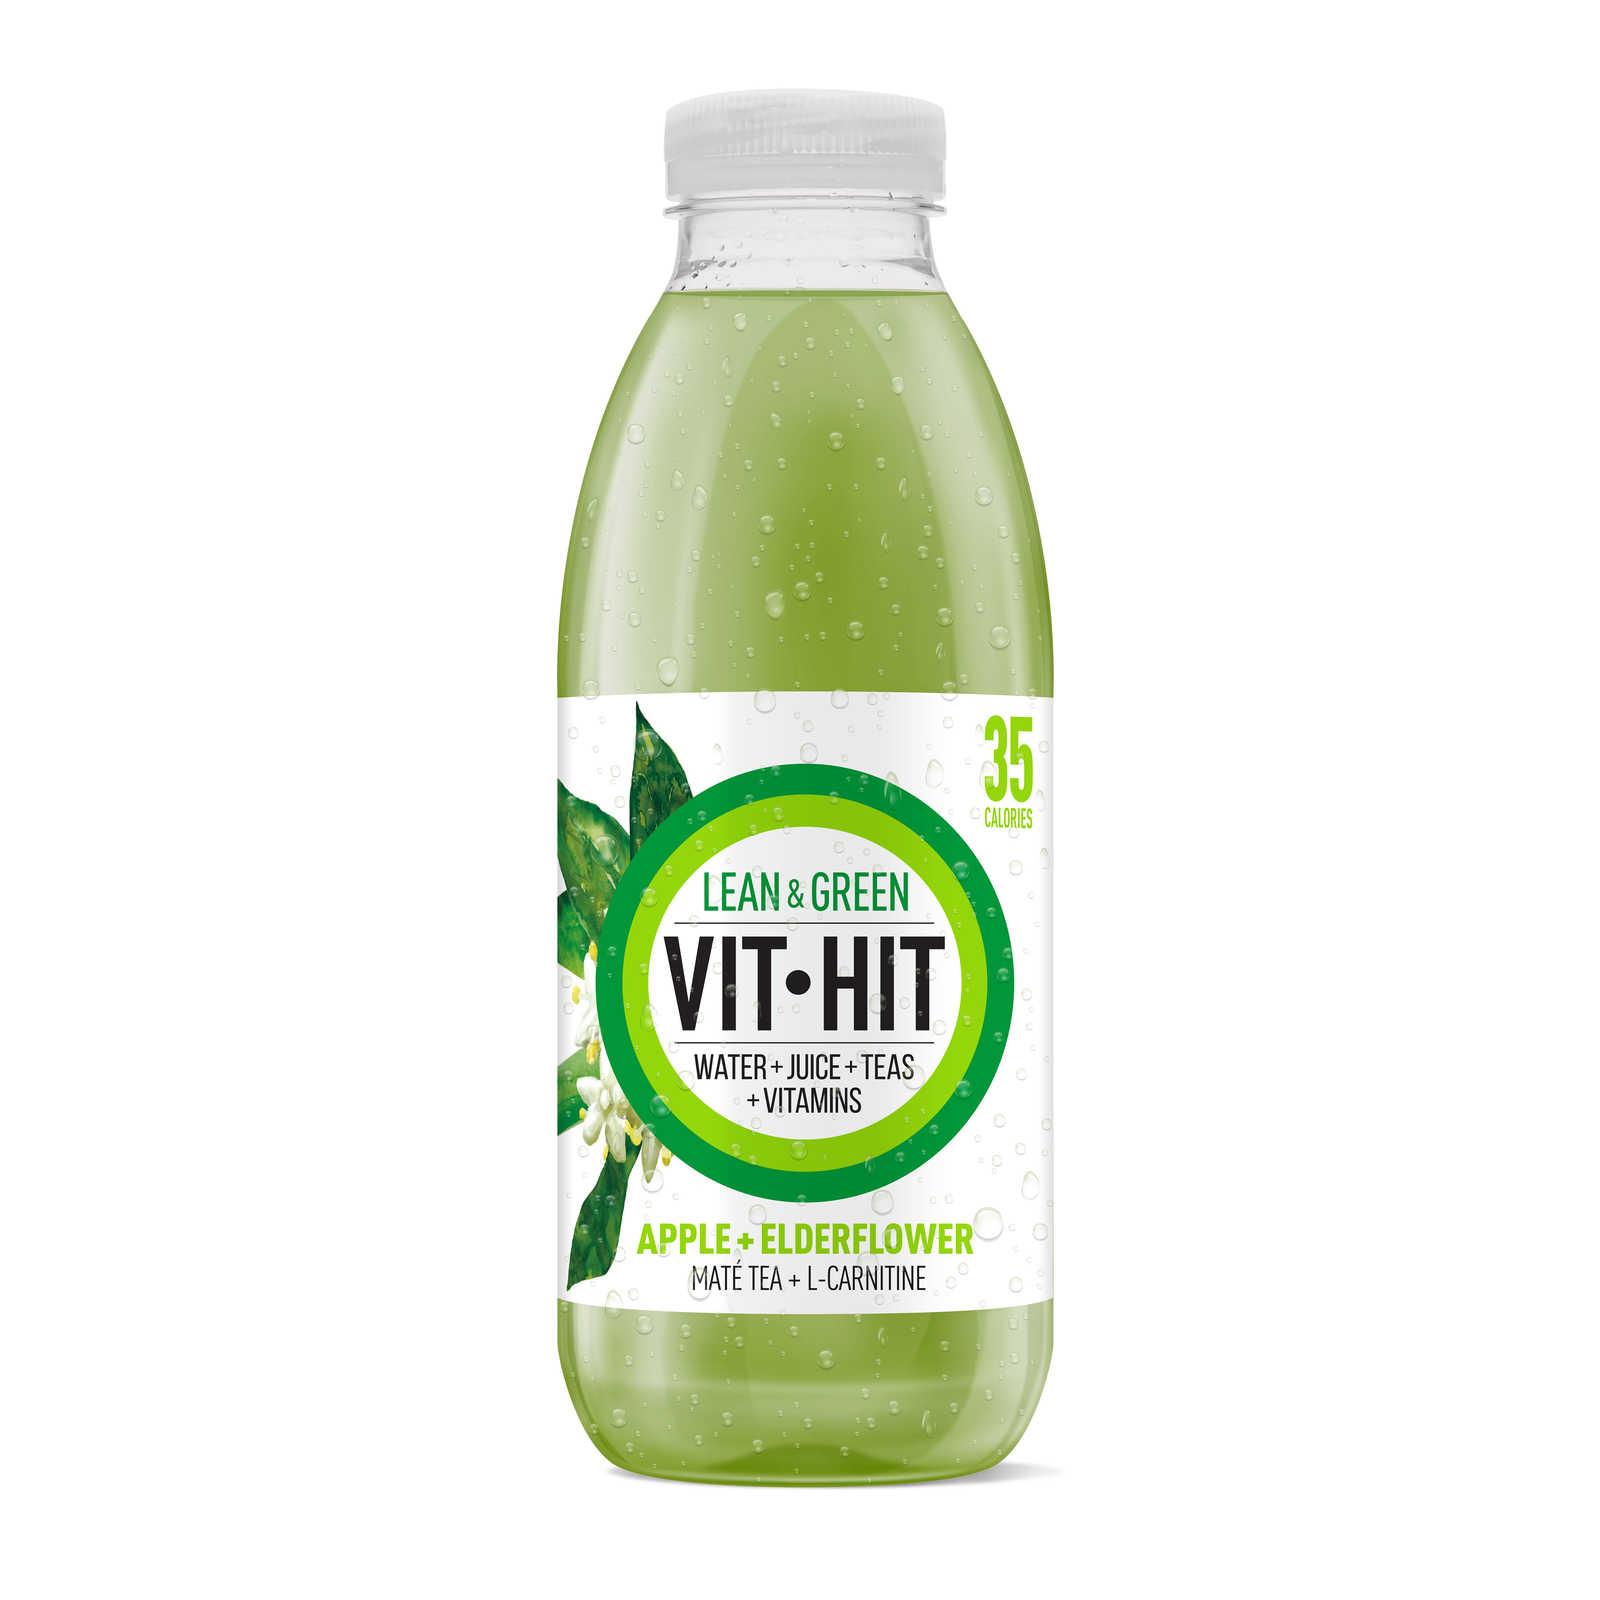 Vithit